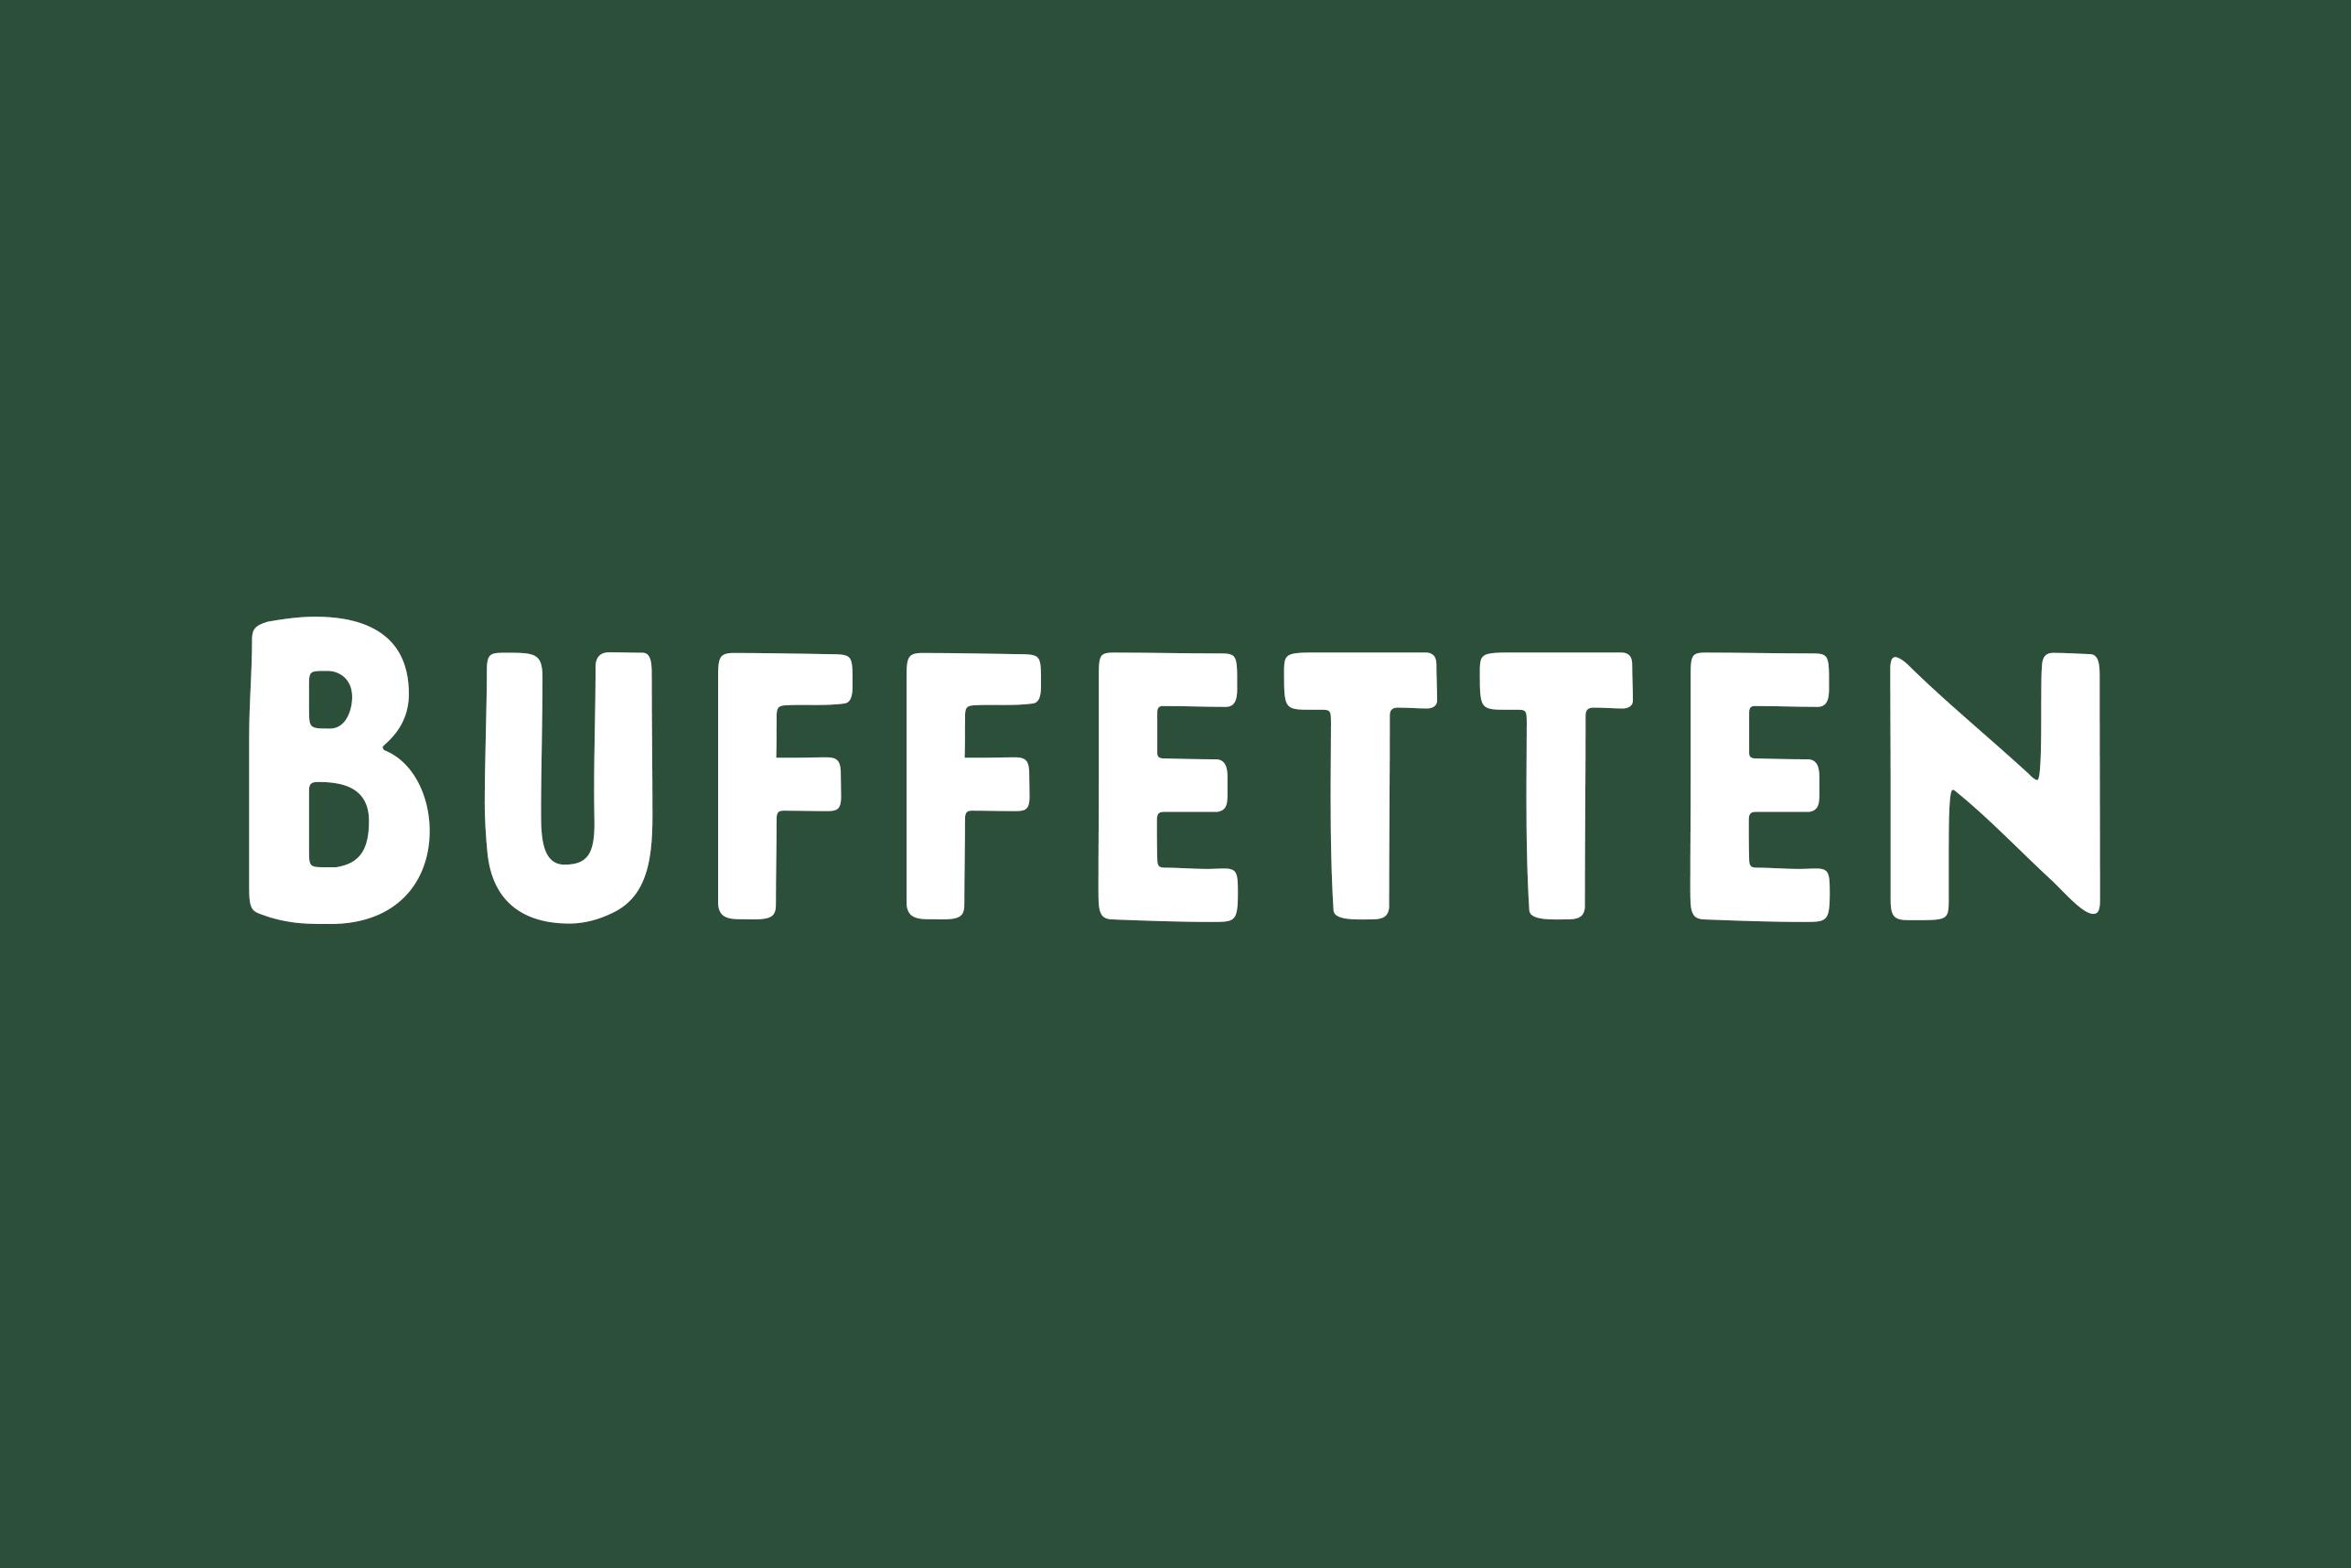 Buffetten